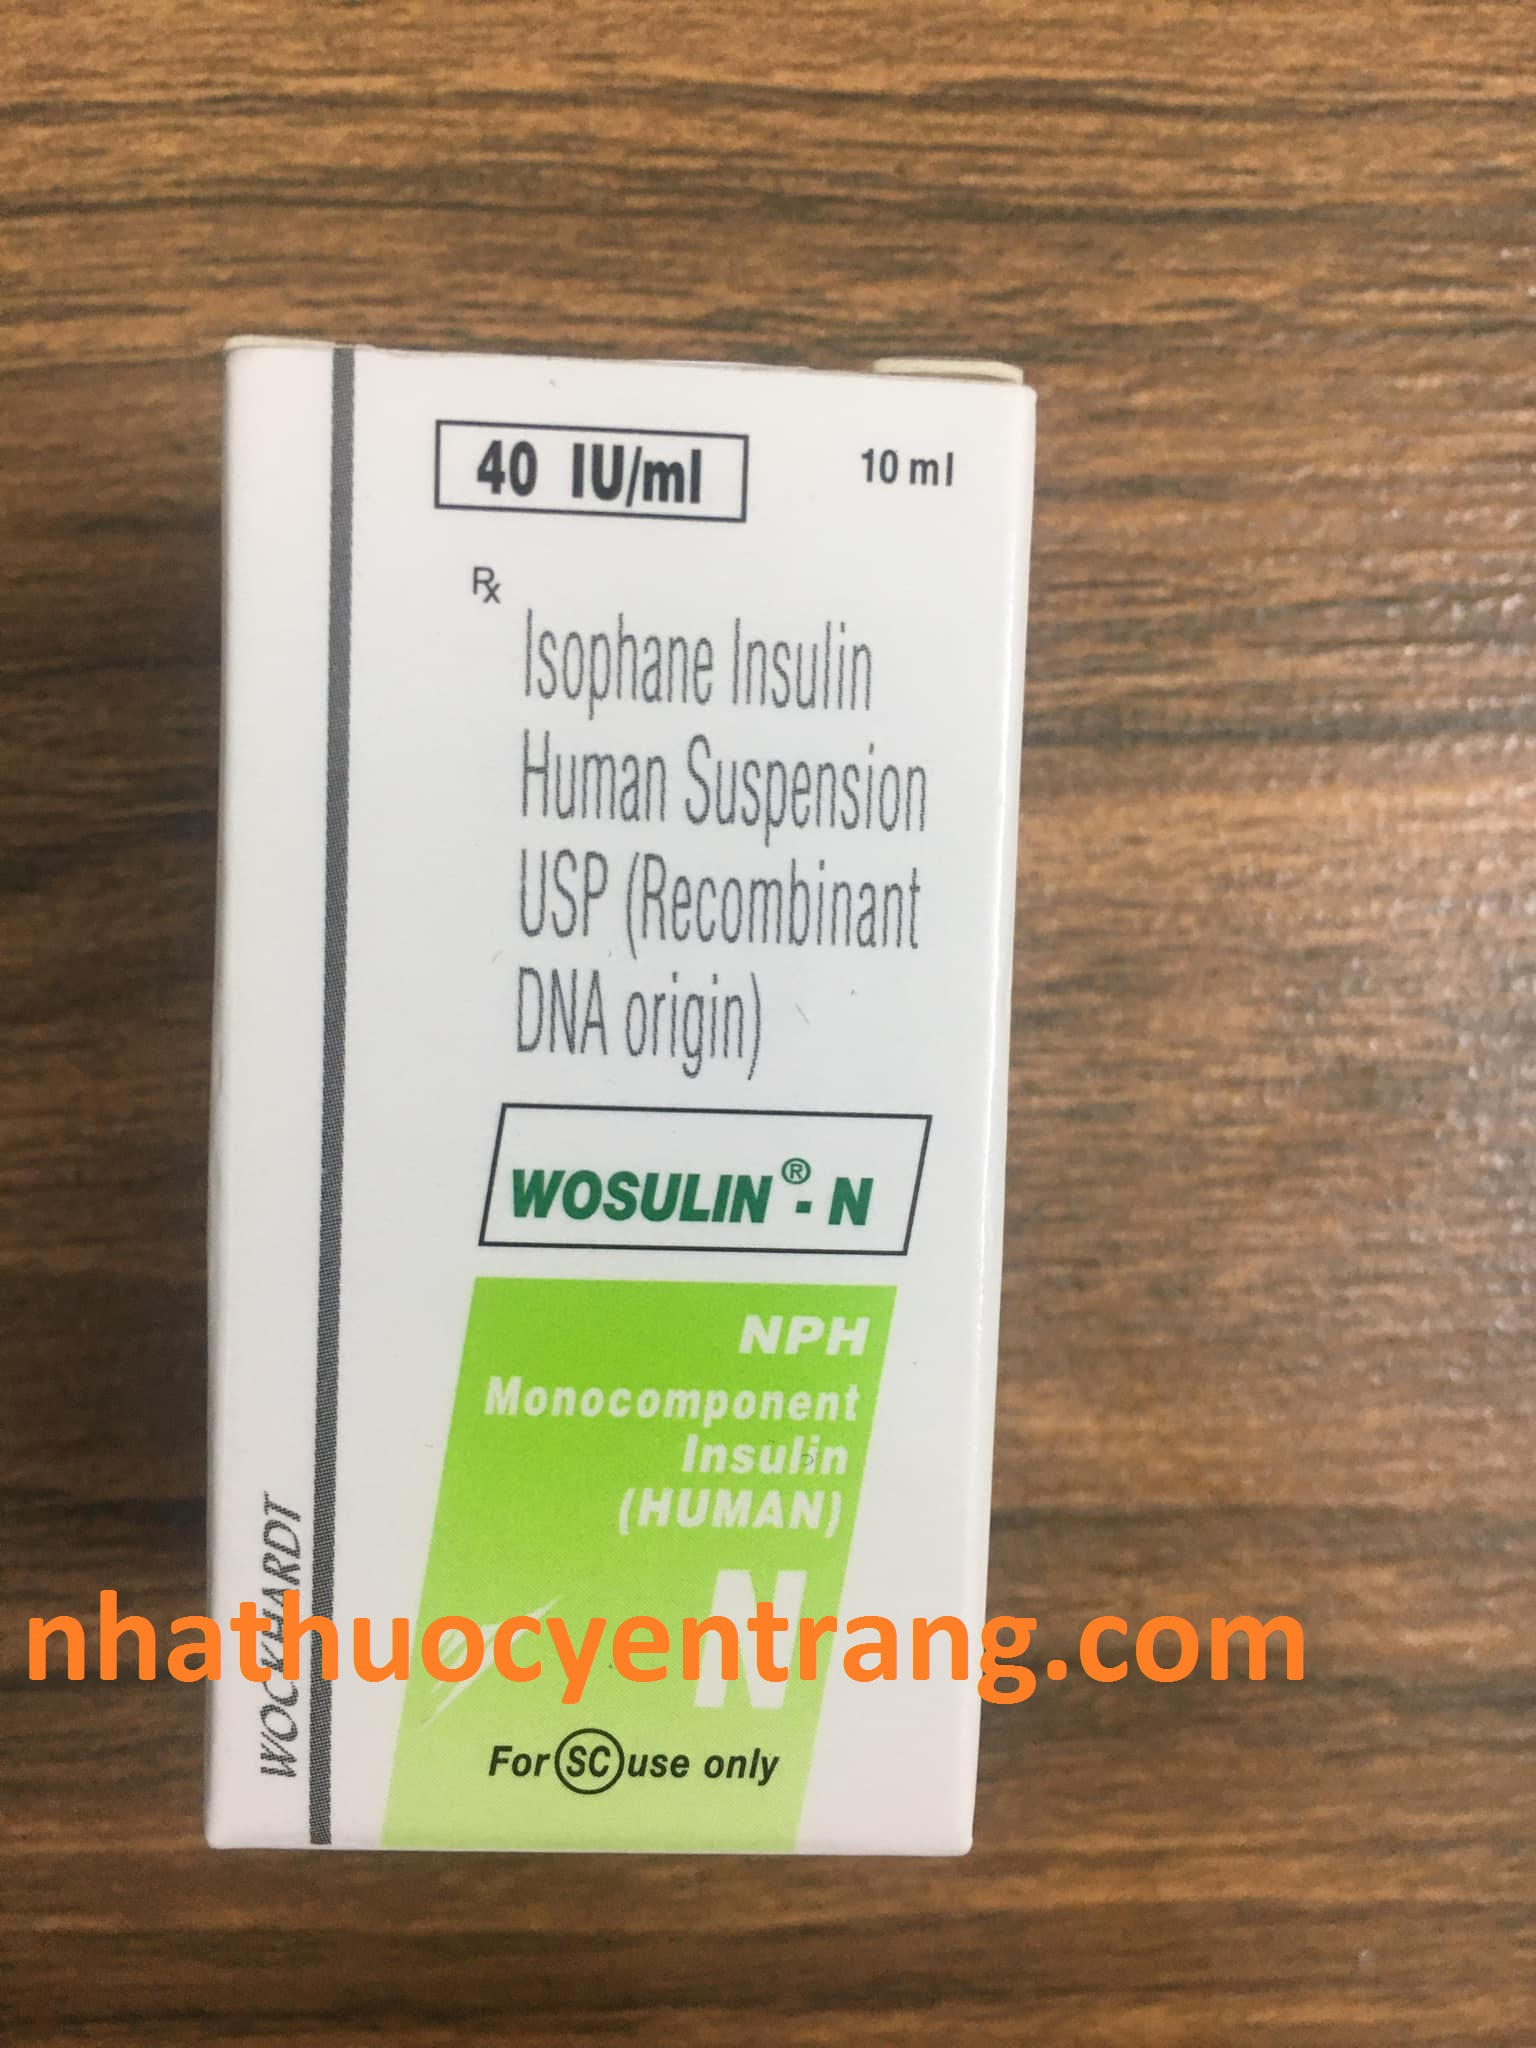 Wosulin N 40 IU/ml